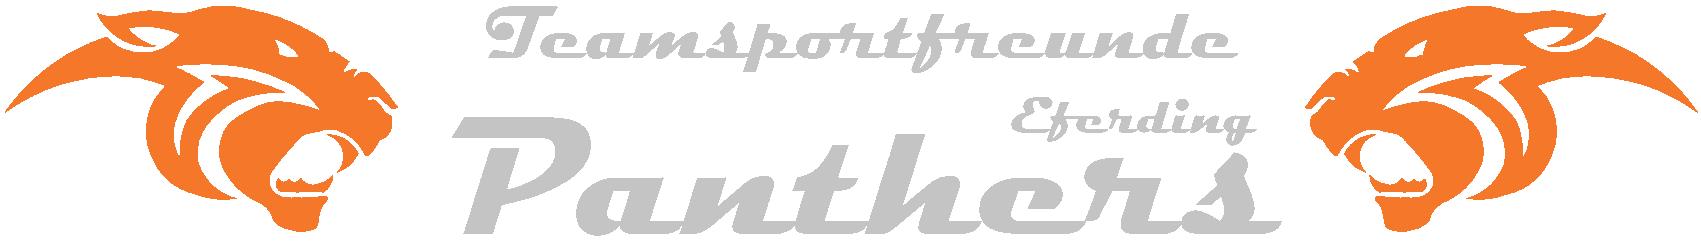 UTSF-Panthers